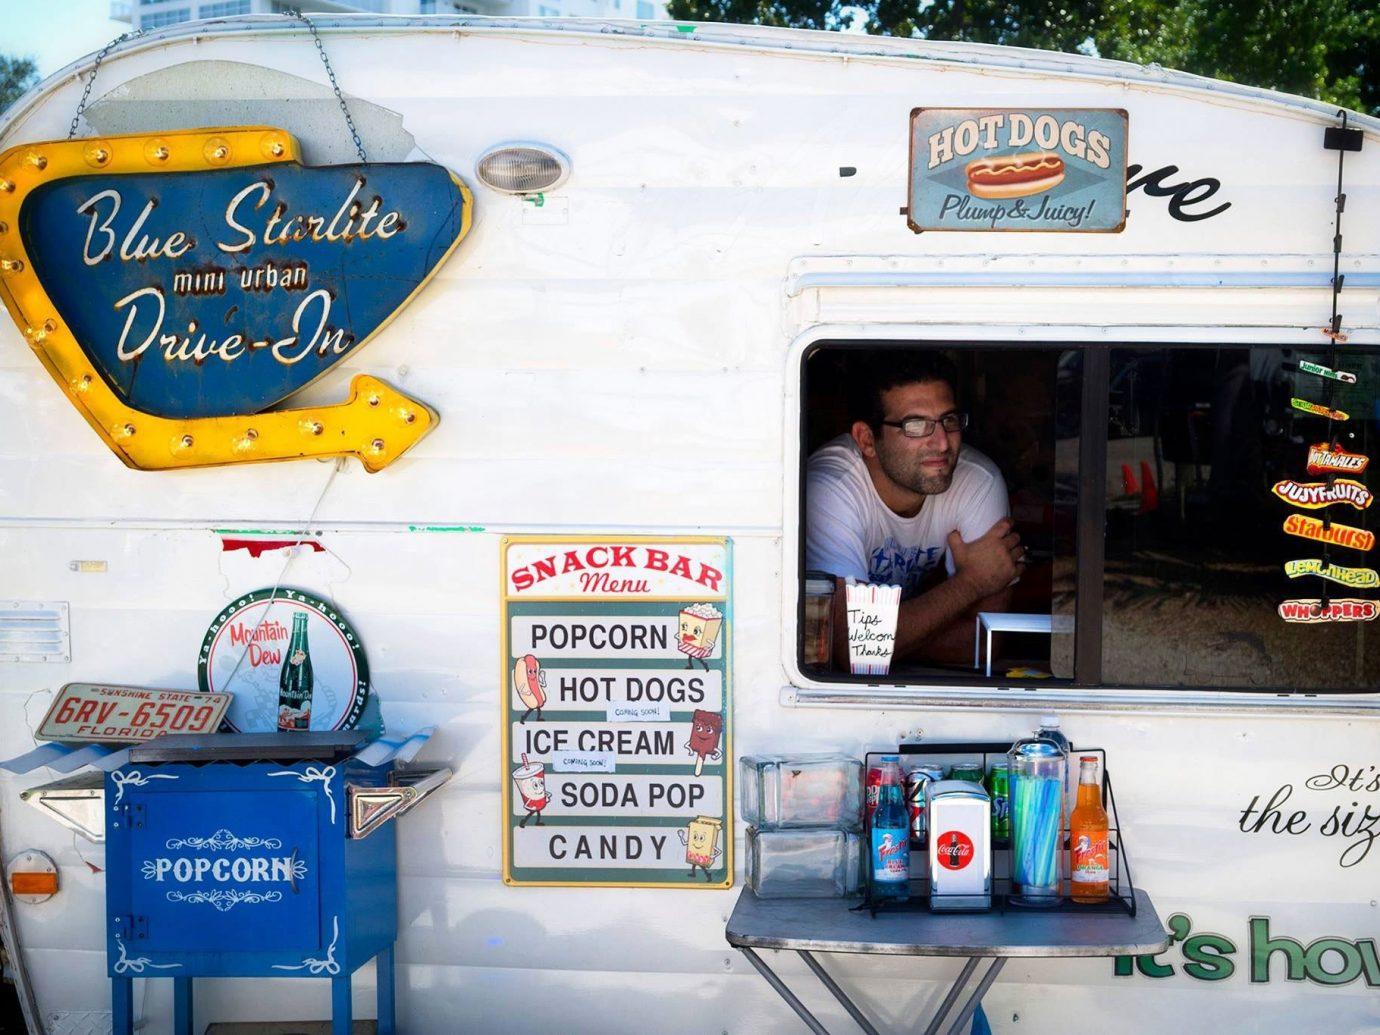 Arts + Culture outdoor transport vehicle advertising art van